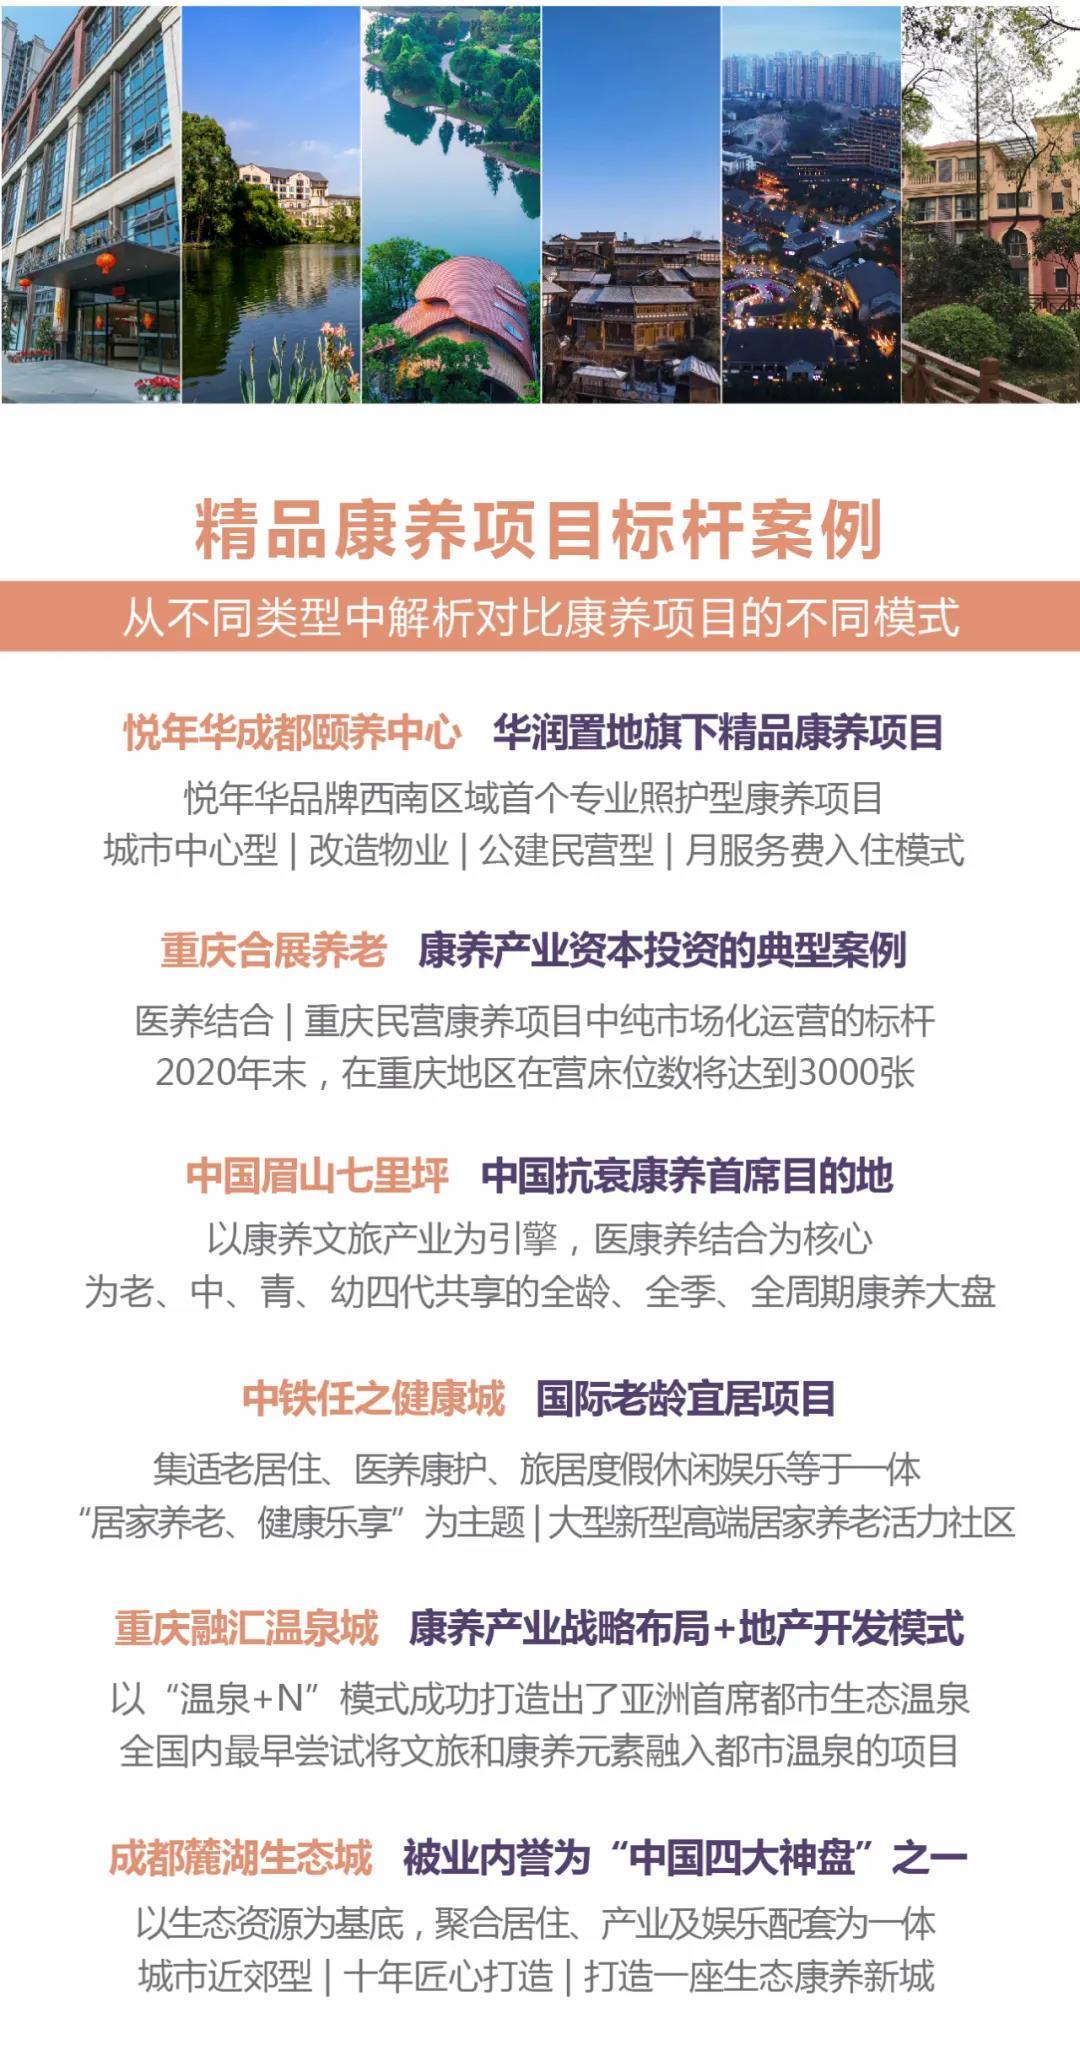 【成都】成都、重庆:精品康养项目游学(4月15-18日)